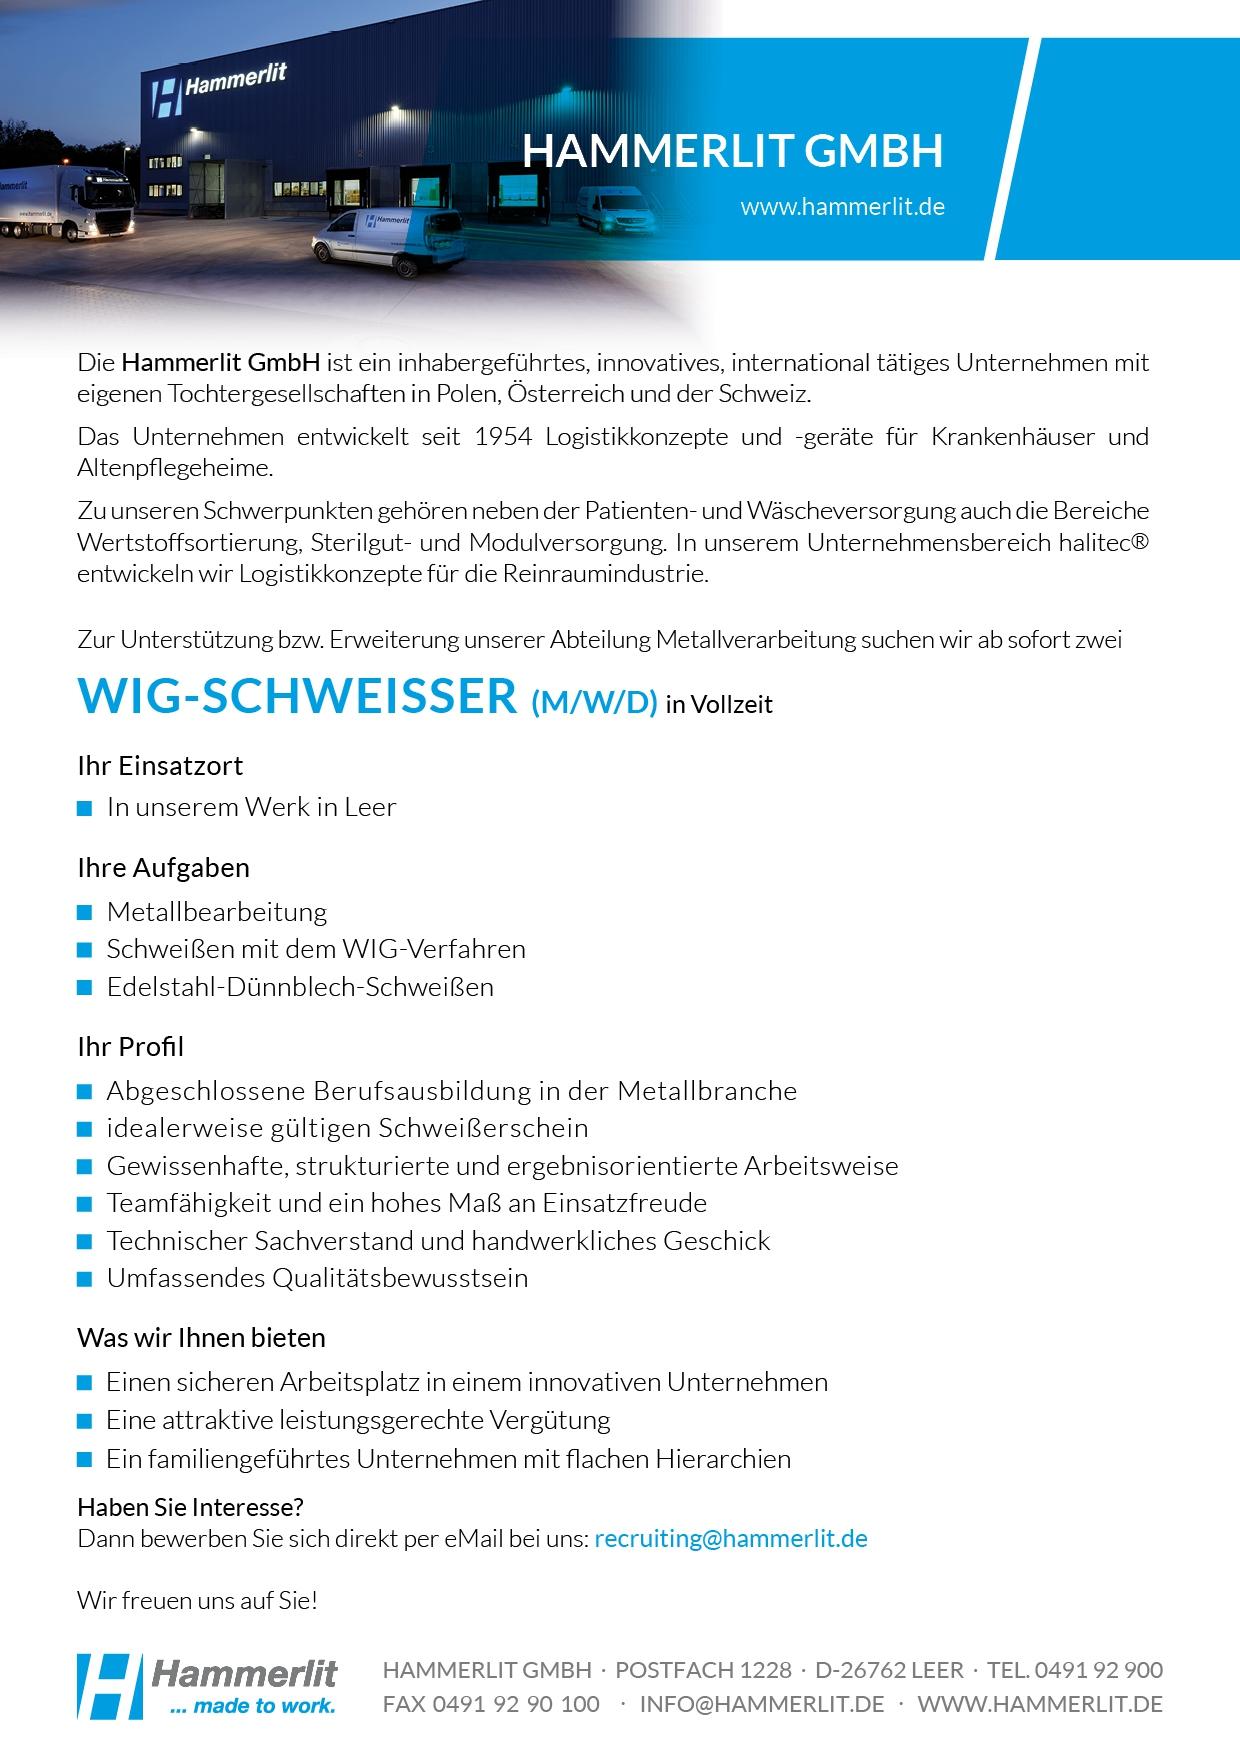 WIG-Schweißer_Hammerlit GmbH